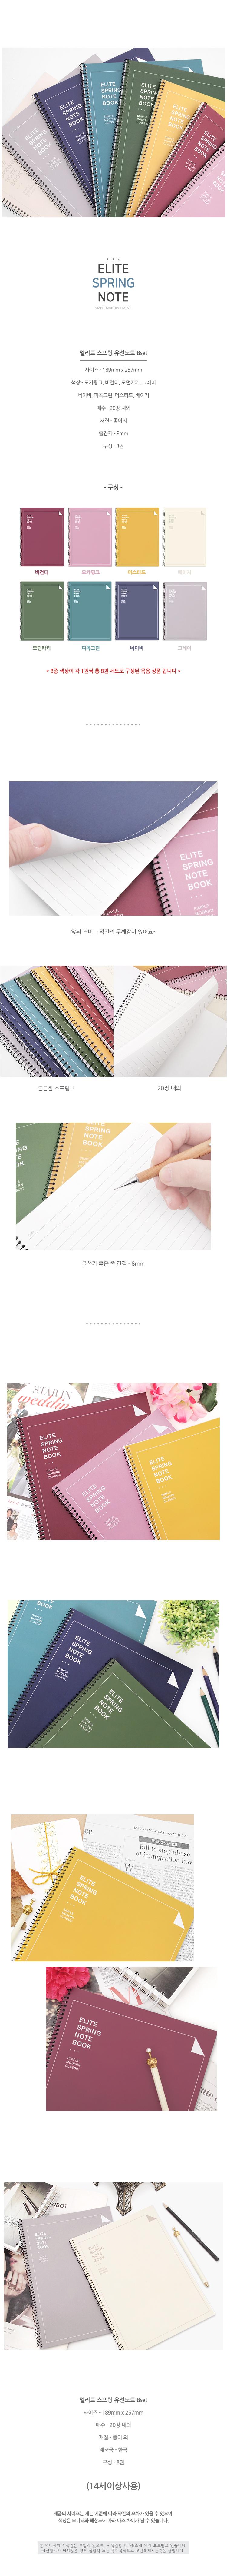 엘리트 스프링 유선노트 8set - 투영, 9,200원, 스프링노트, 유선노트